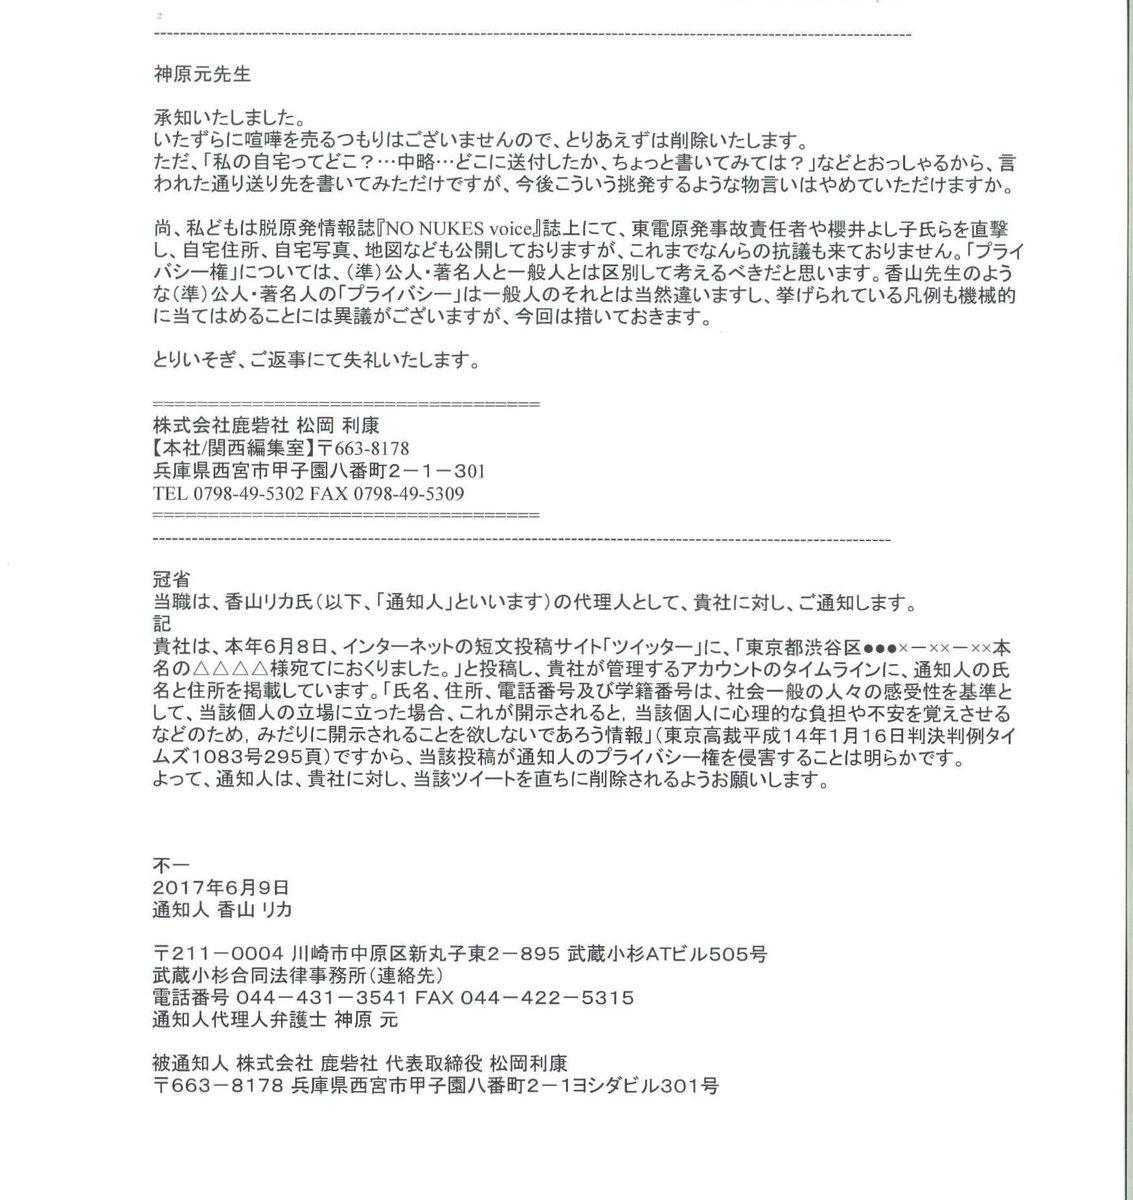 http://livedoor.blogimg.jp/gensen_2ch/imgs/0/0/00ba5909.jpg